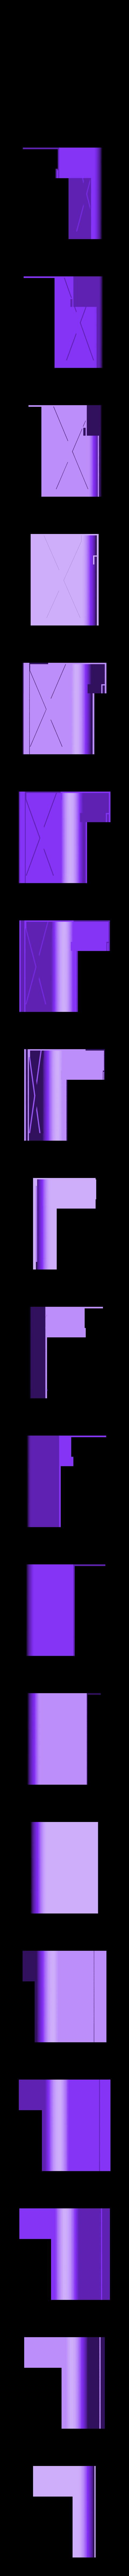 right_front_up.stl Télécharger fichier STL gratuit wanhao D7 boîtier, couvercle, couvercle, couvercle • Plan à imprimer en 3D, mariospeed